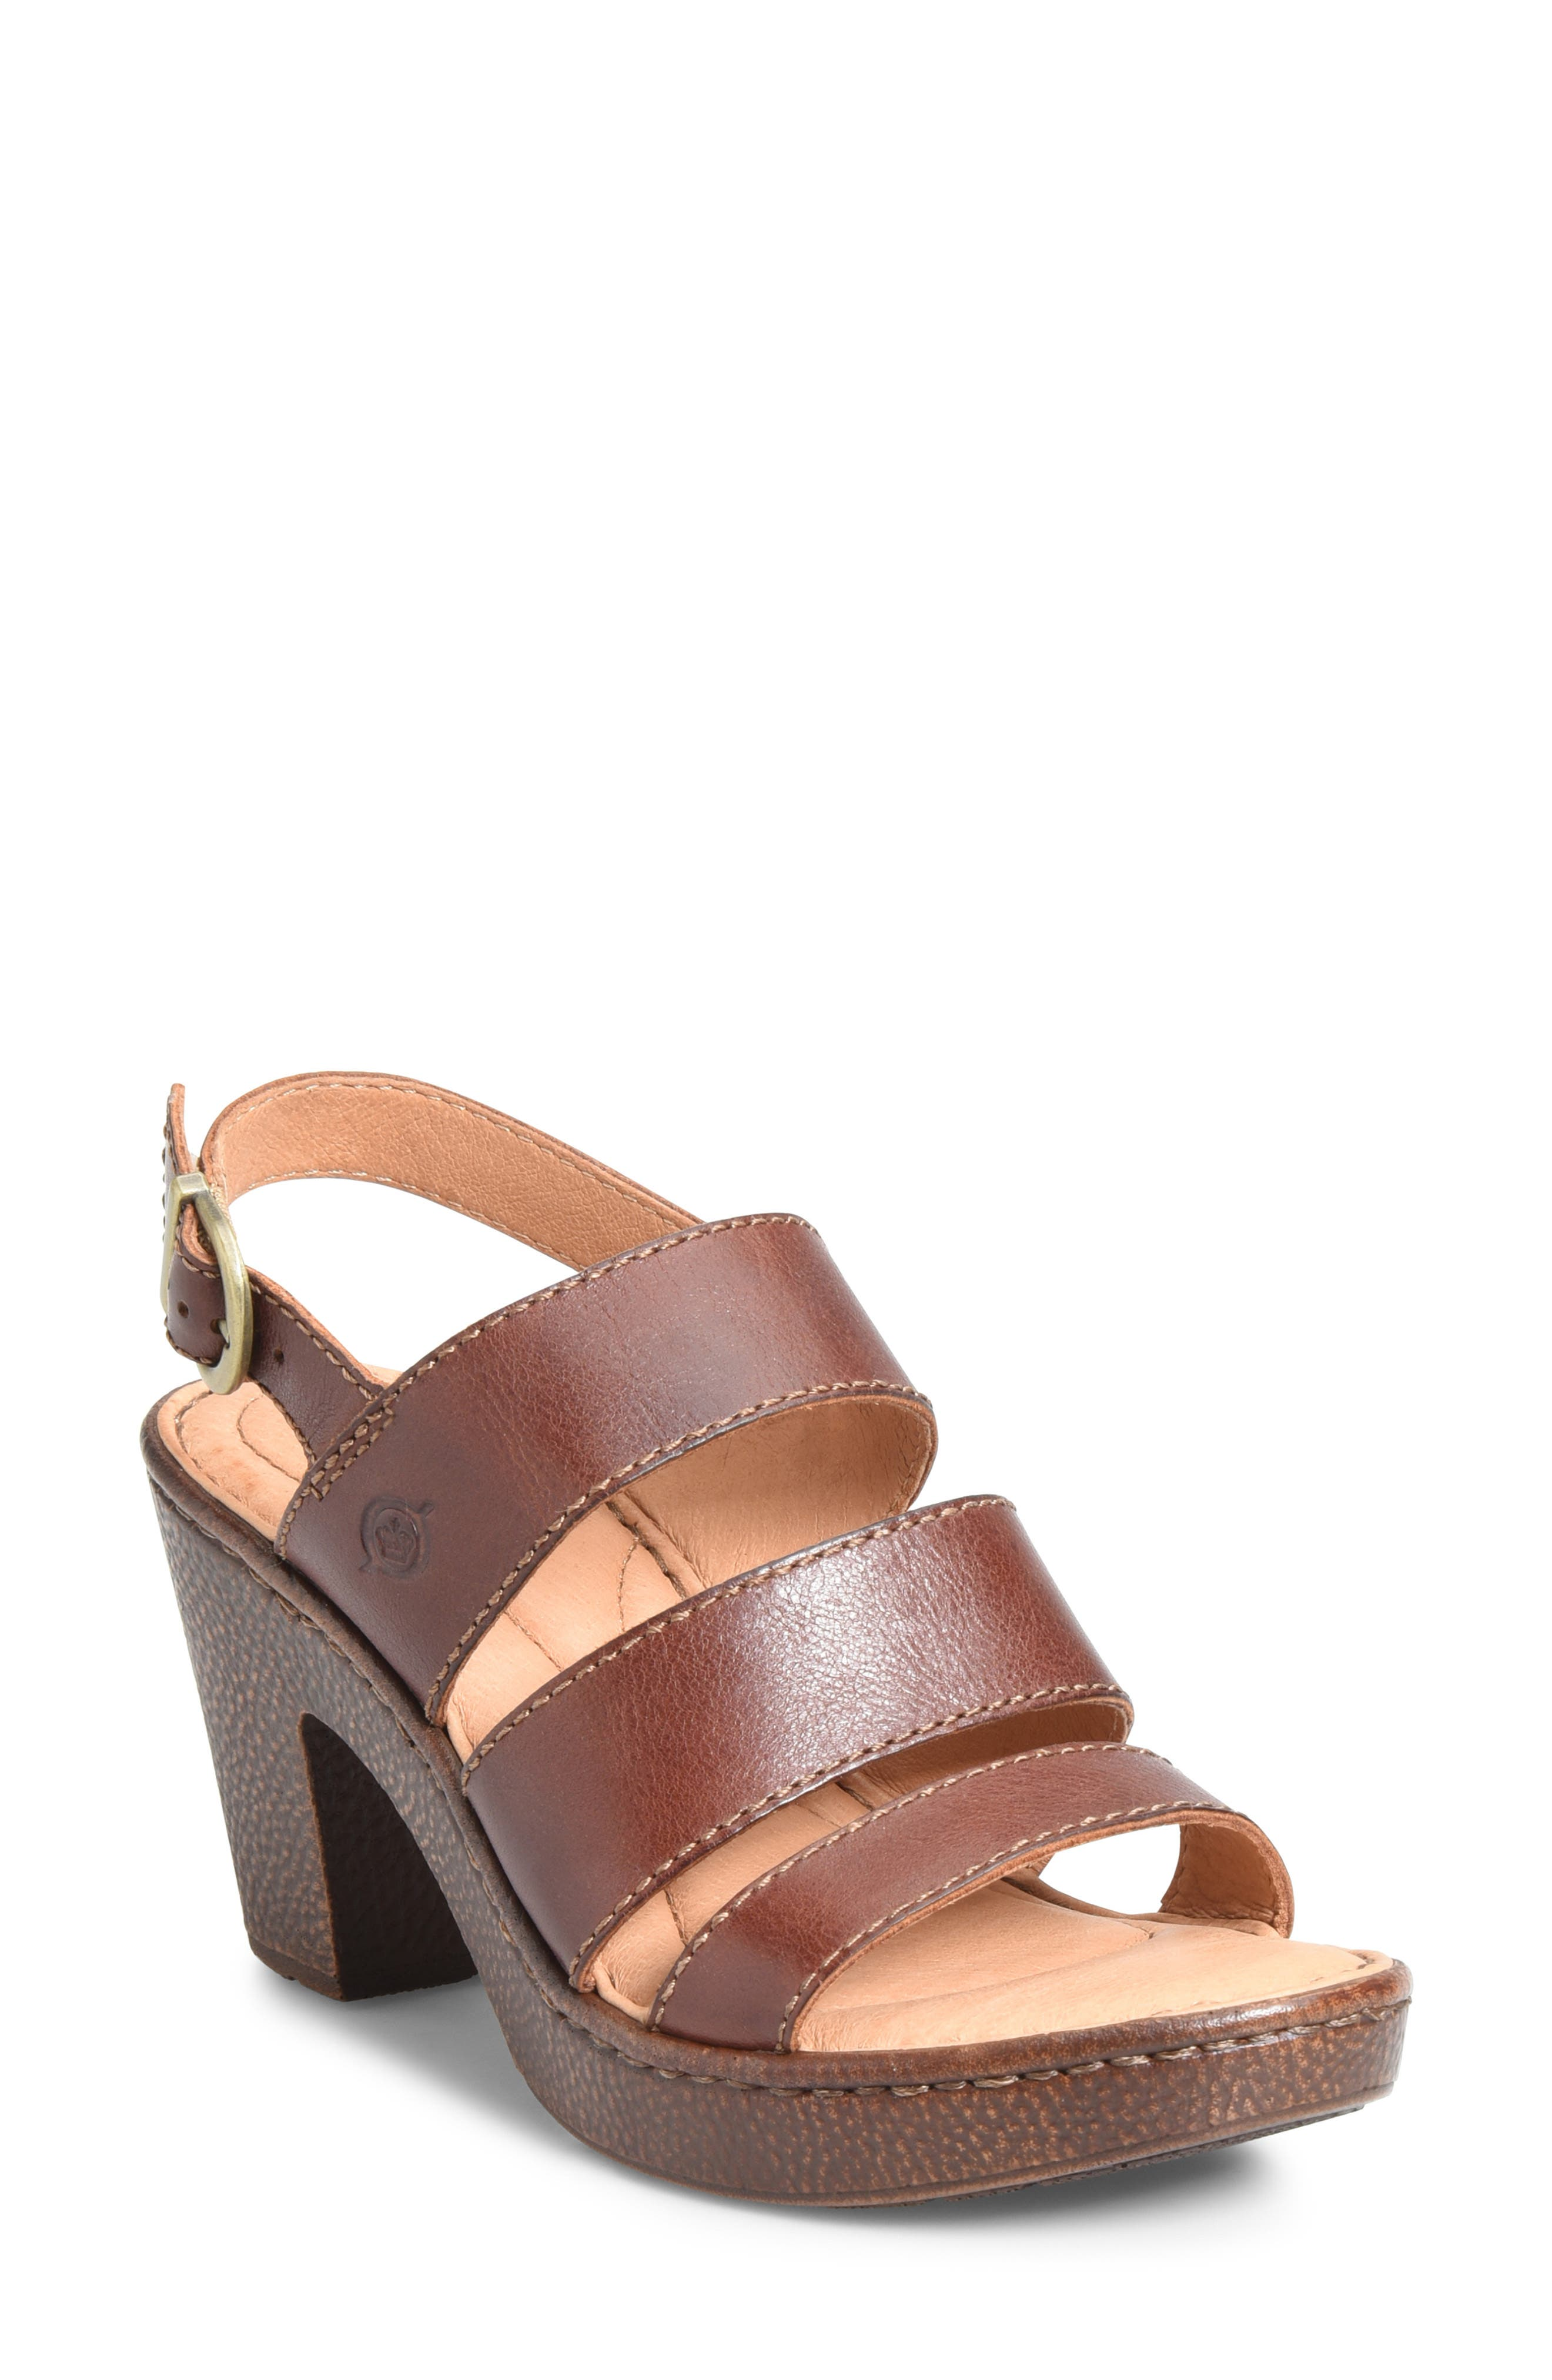 B?rn Warner Sandal, Brown